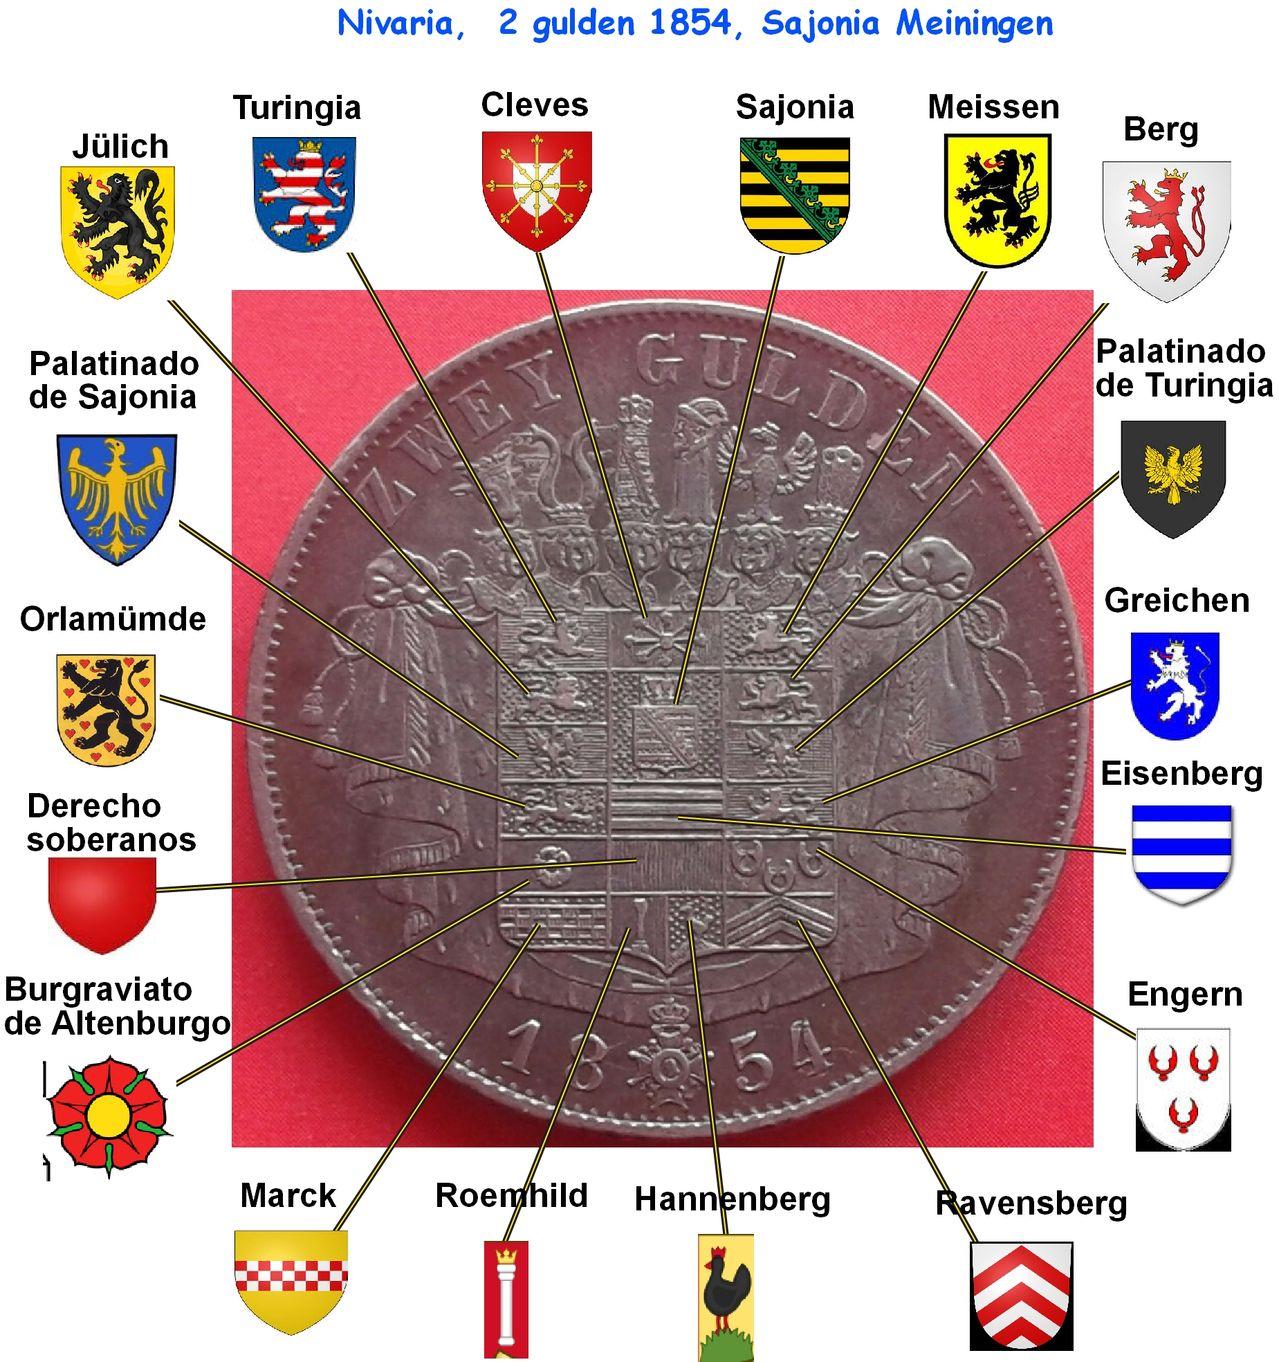 2 Gulden 1854 Ducado de Sajonia Meiningen este escudo está dedicado a Lanzarote Nivaria